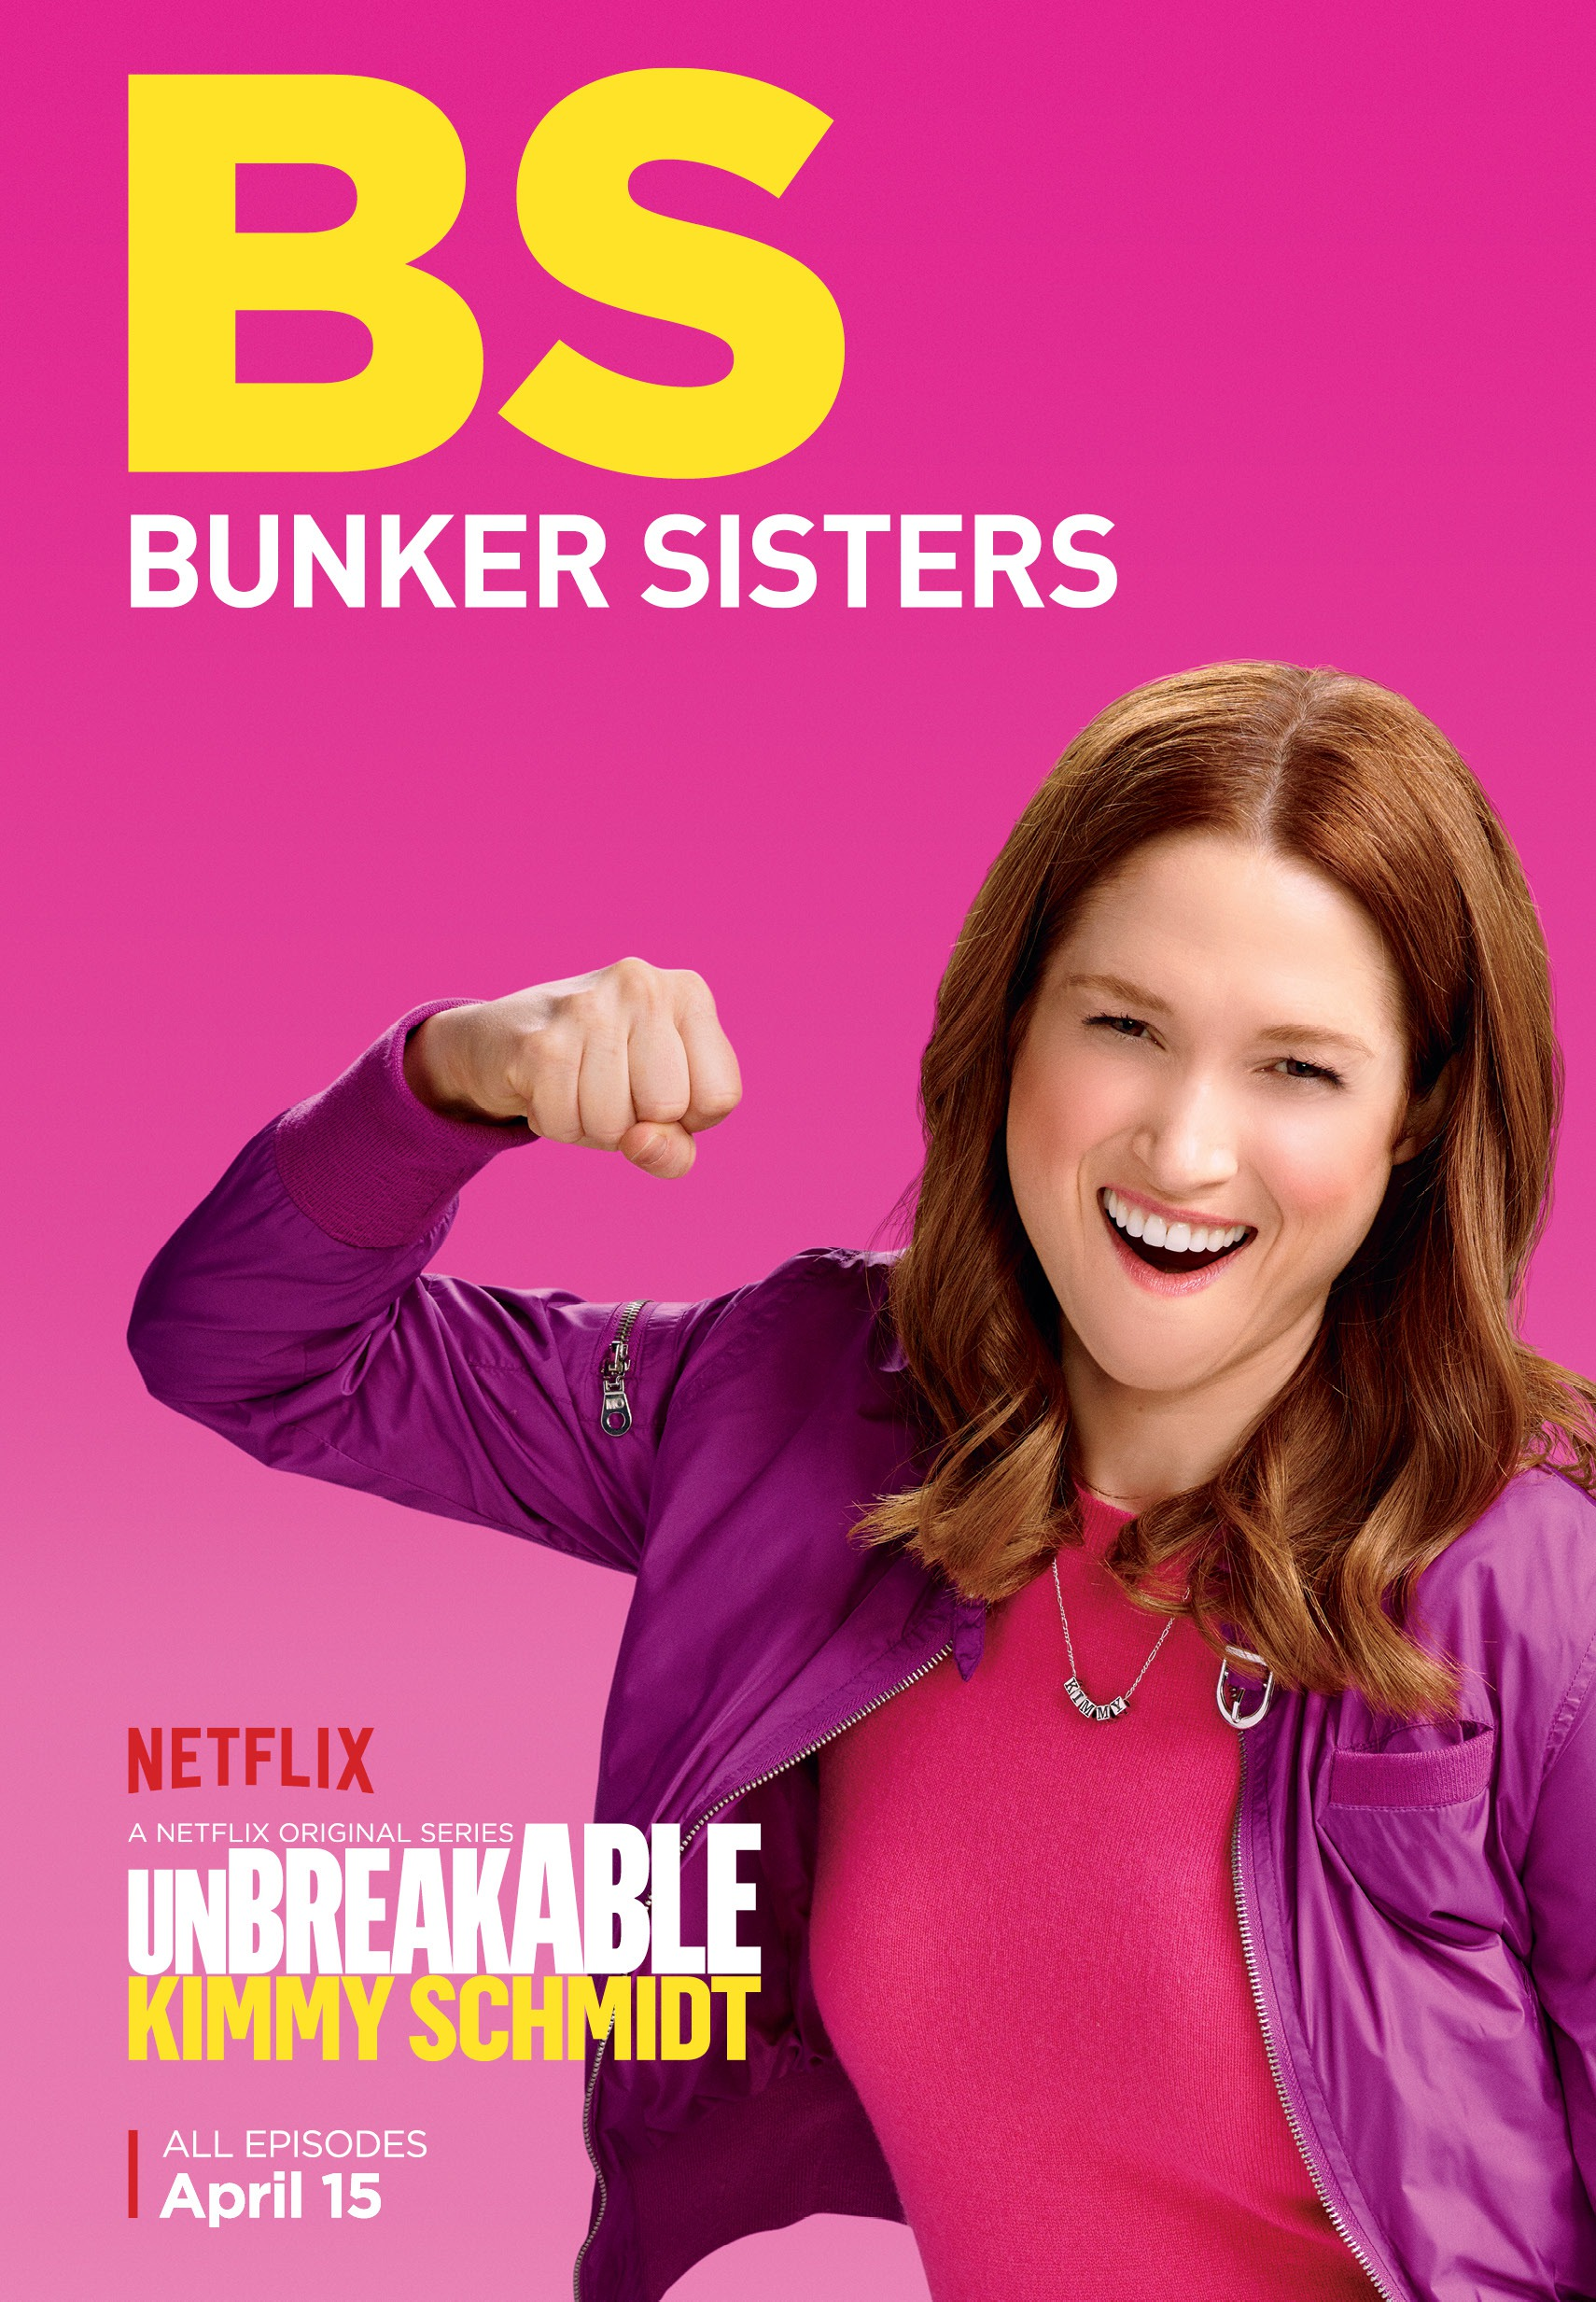 Unbreakable-Kimmy-Schmidt-Season-2-Poster-BS-unbreakable-kimmy-schmidt-39783925-1710-2466